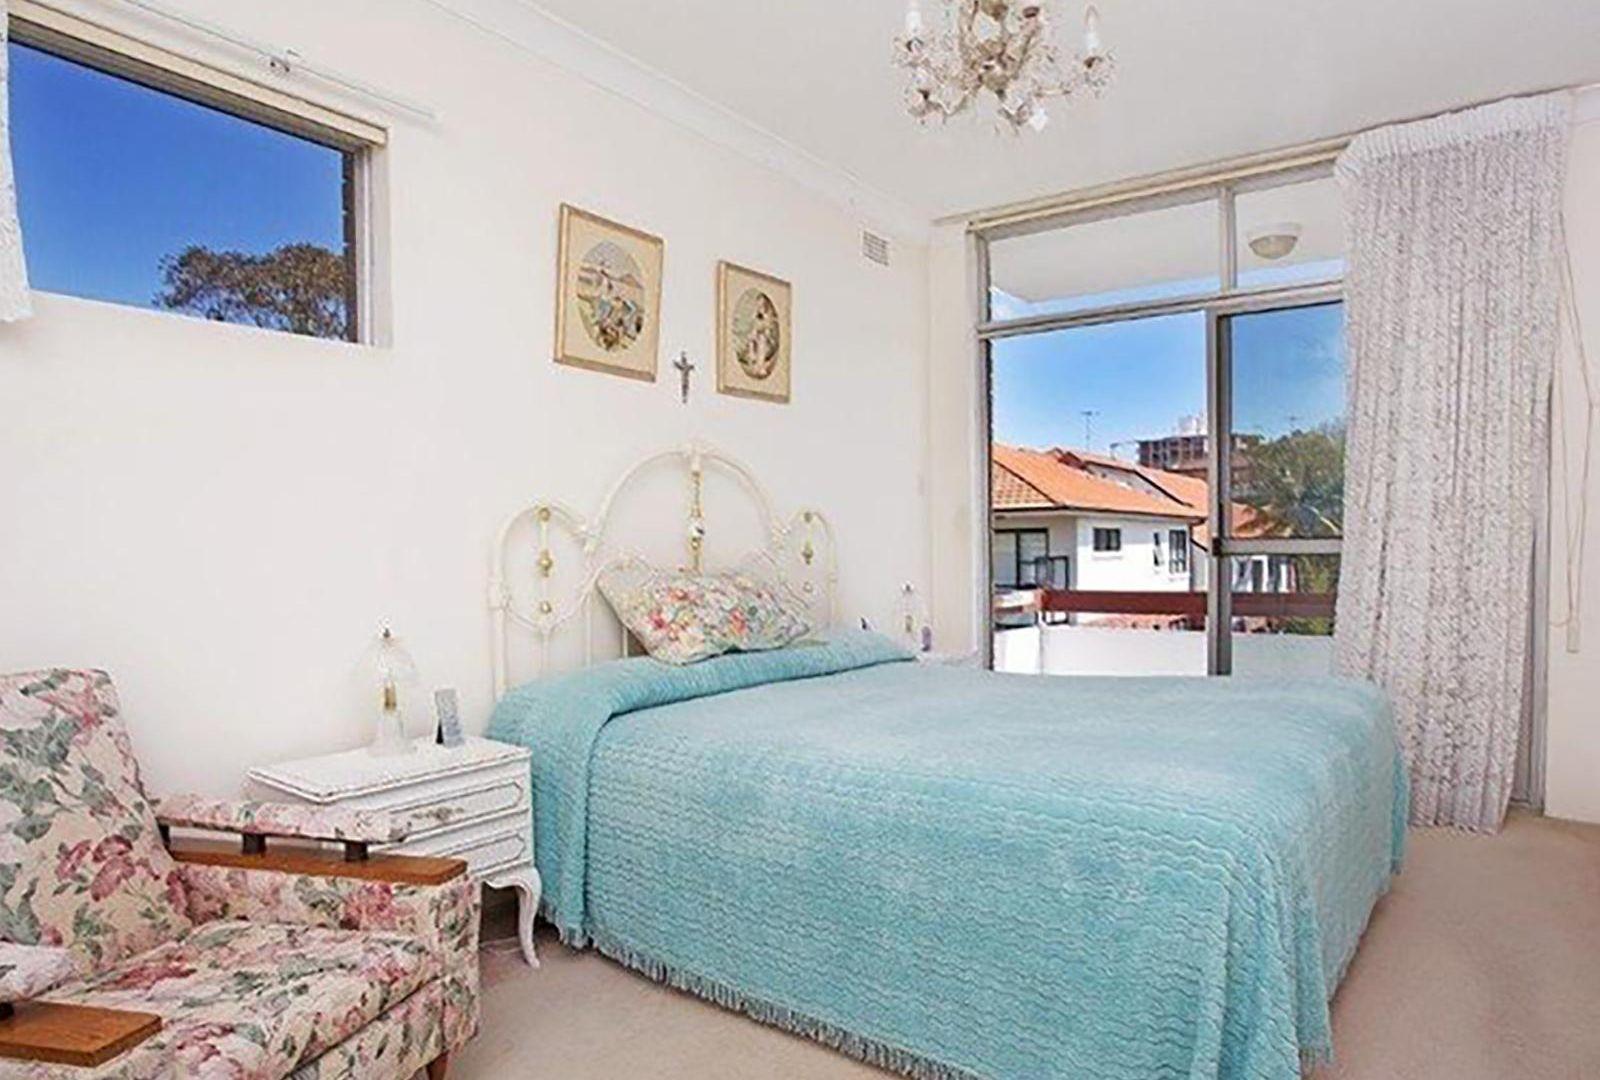 15/2-4 Miller Street, Bondi NSW 2026, Image 1